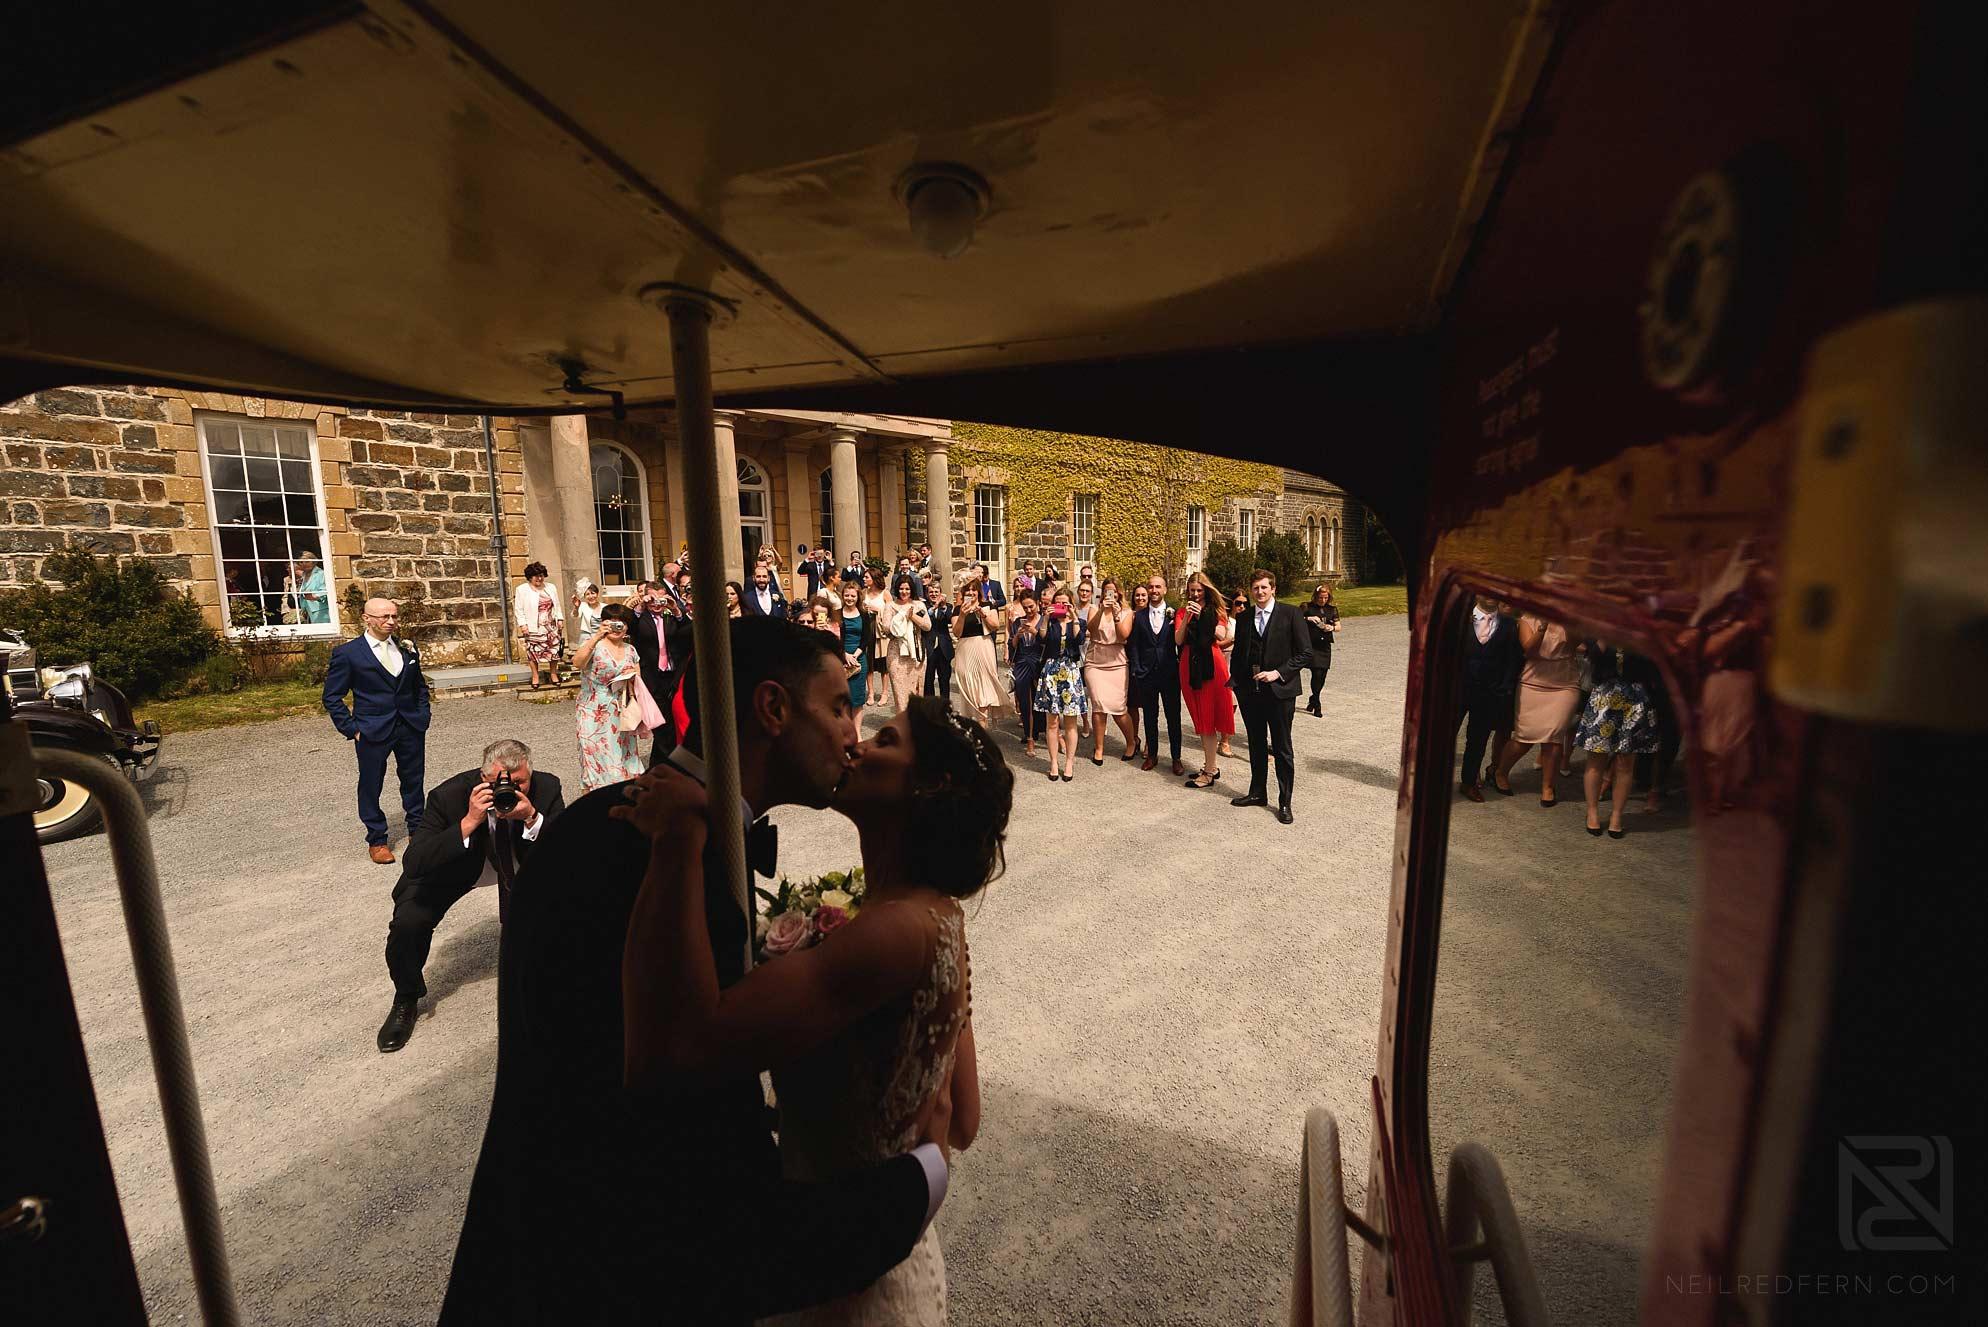 Nanteos-Mansion-wedding-photographs-36